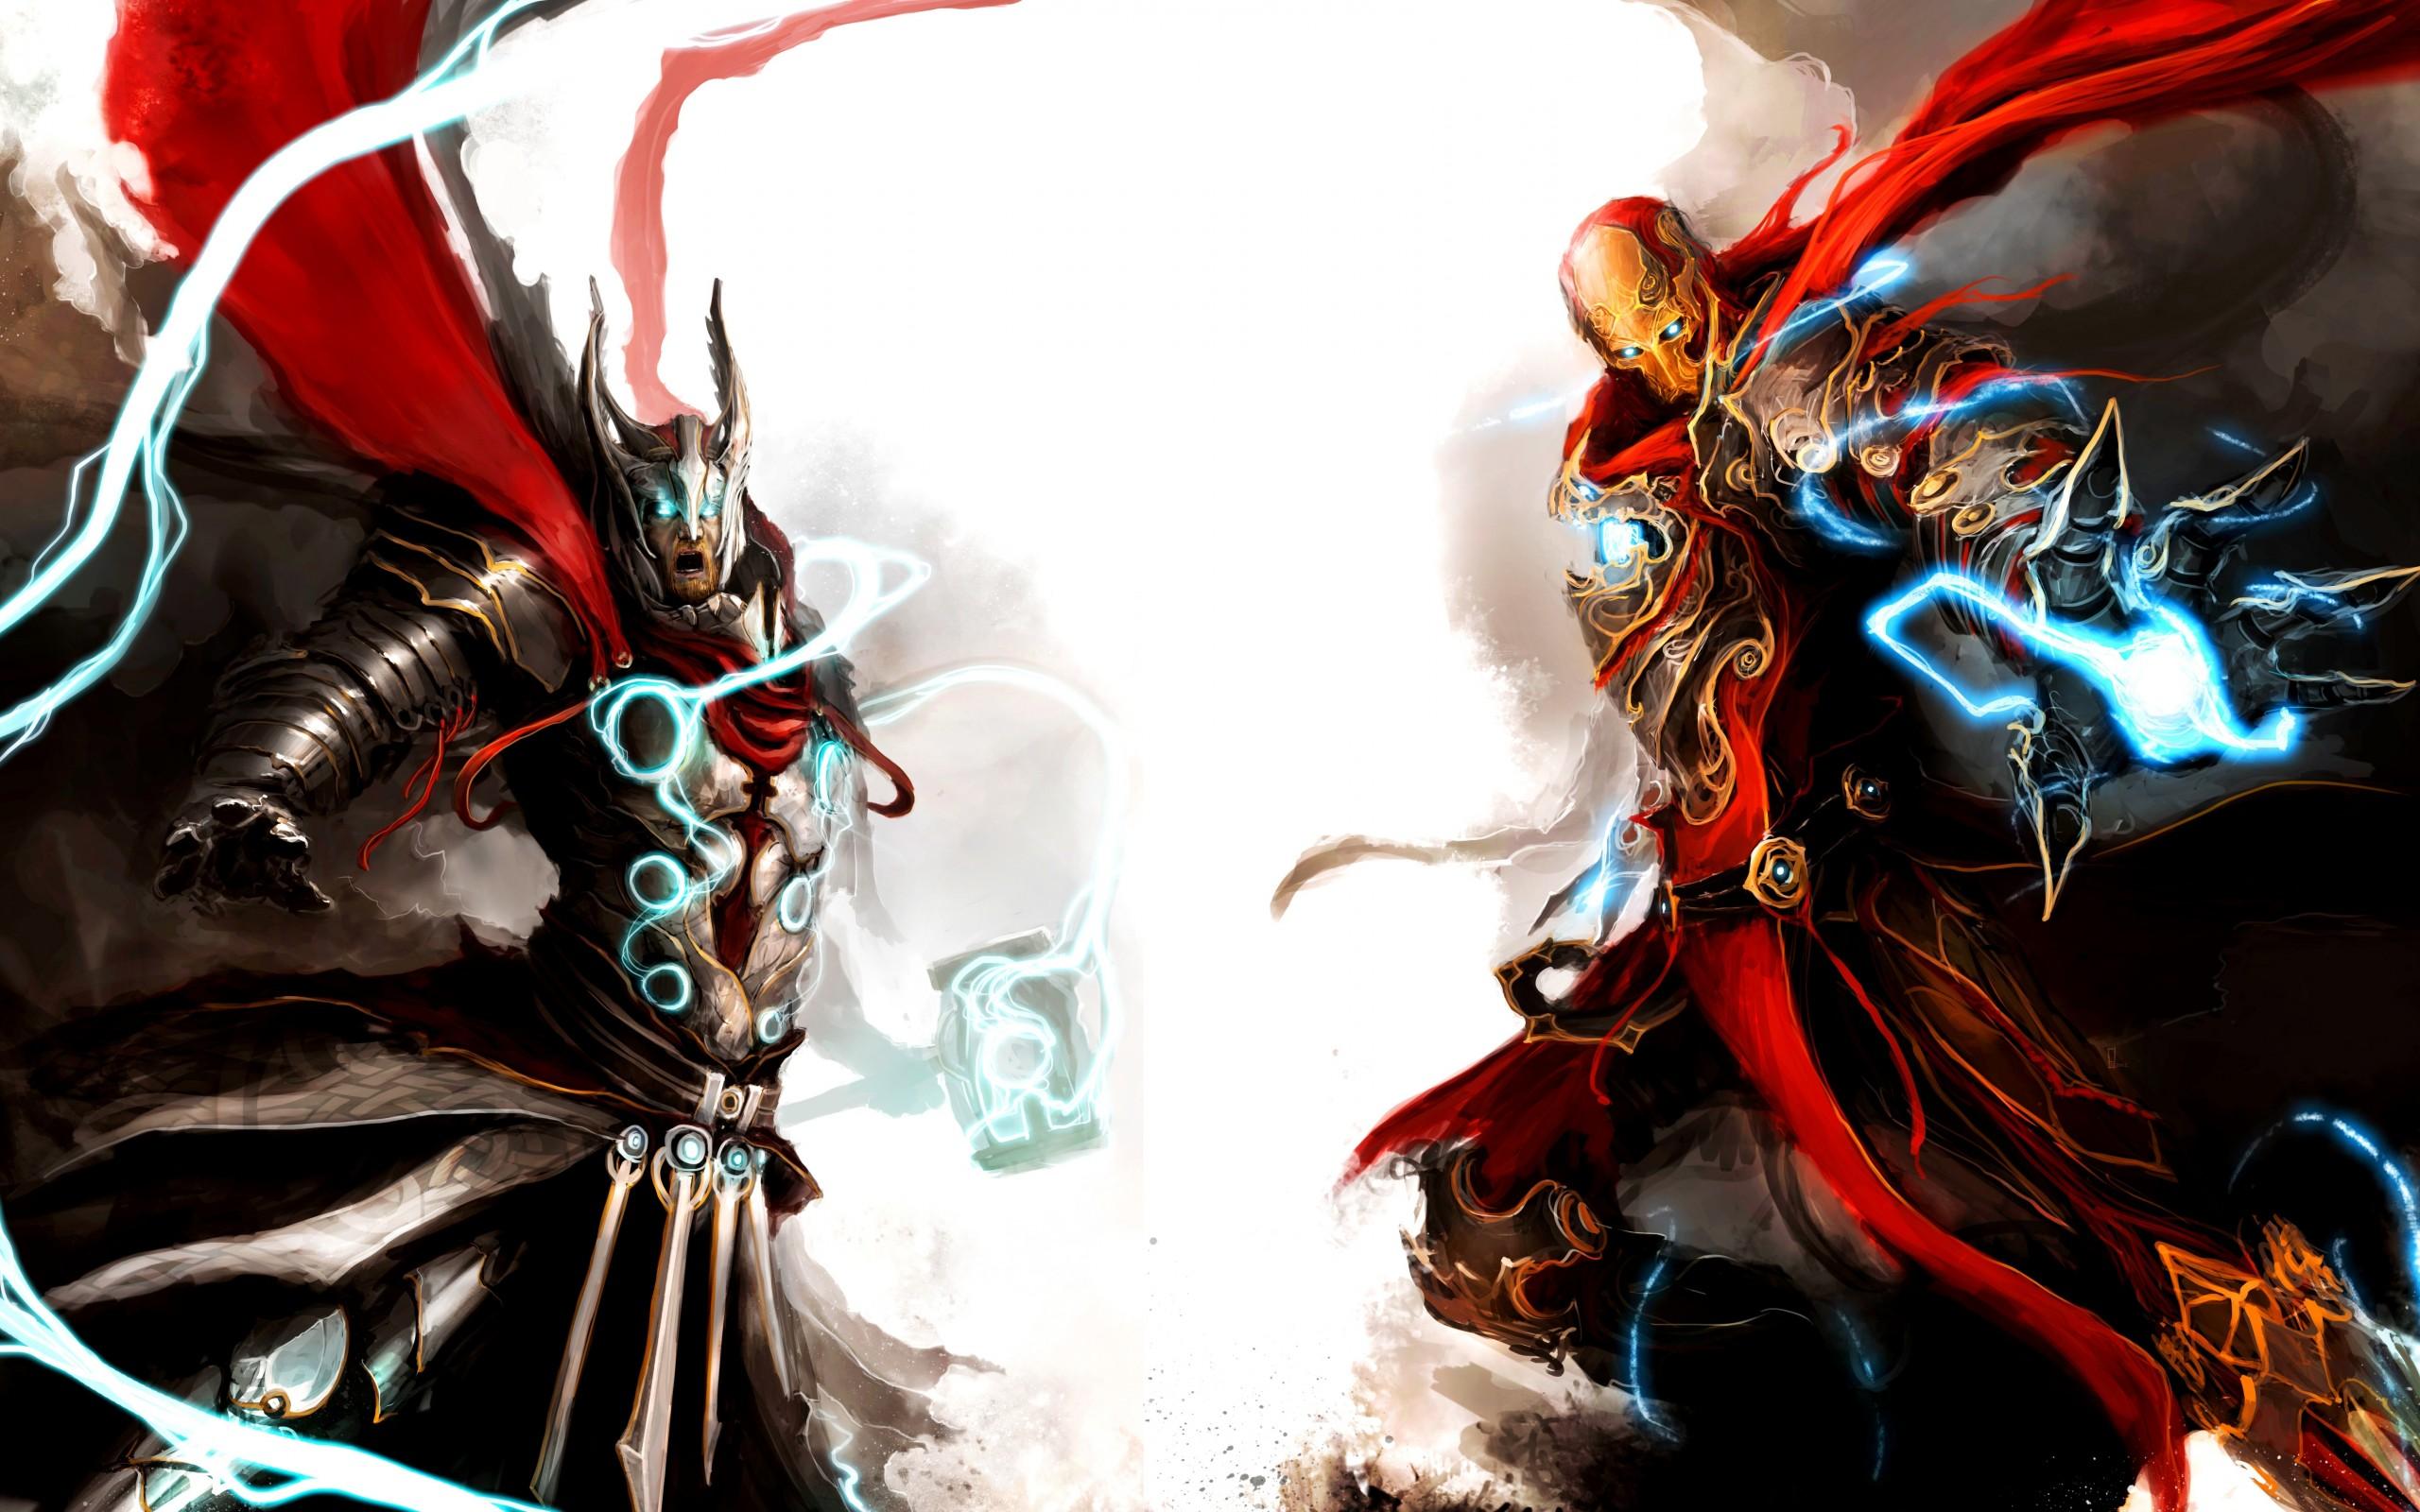 Marvel Avengers Iron Man Wallpaper